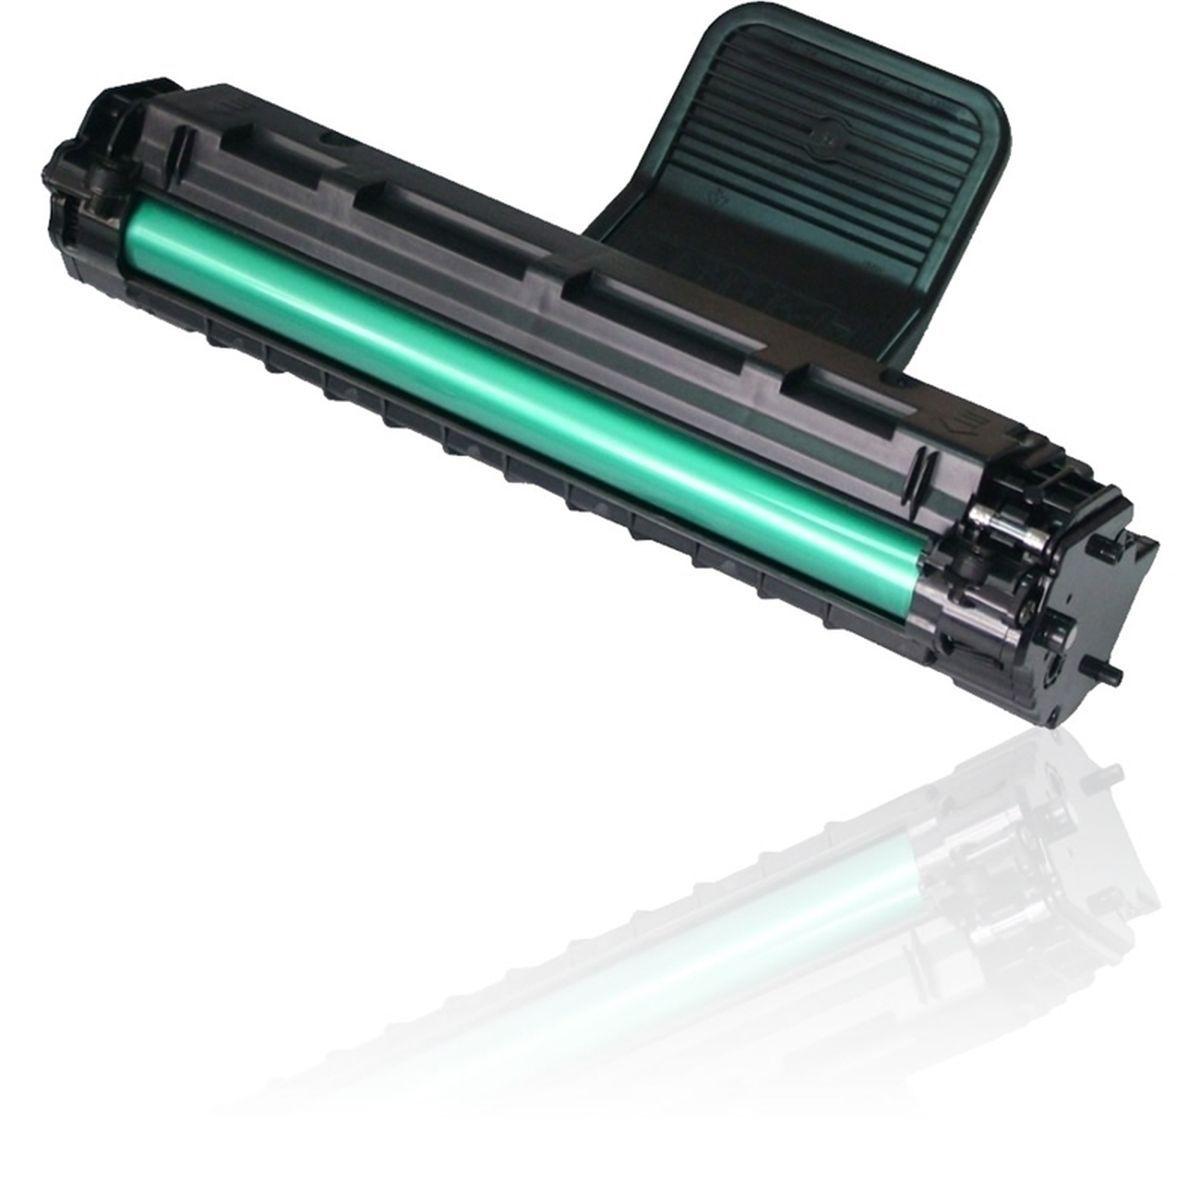 Toner compatível XEROX 3200 3200N 3200 MFP | 113R00730 113R730 - 3.000 Páginas - Cartucho & Cia